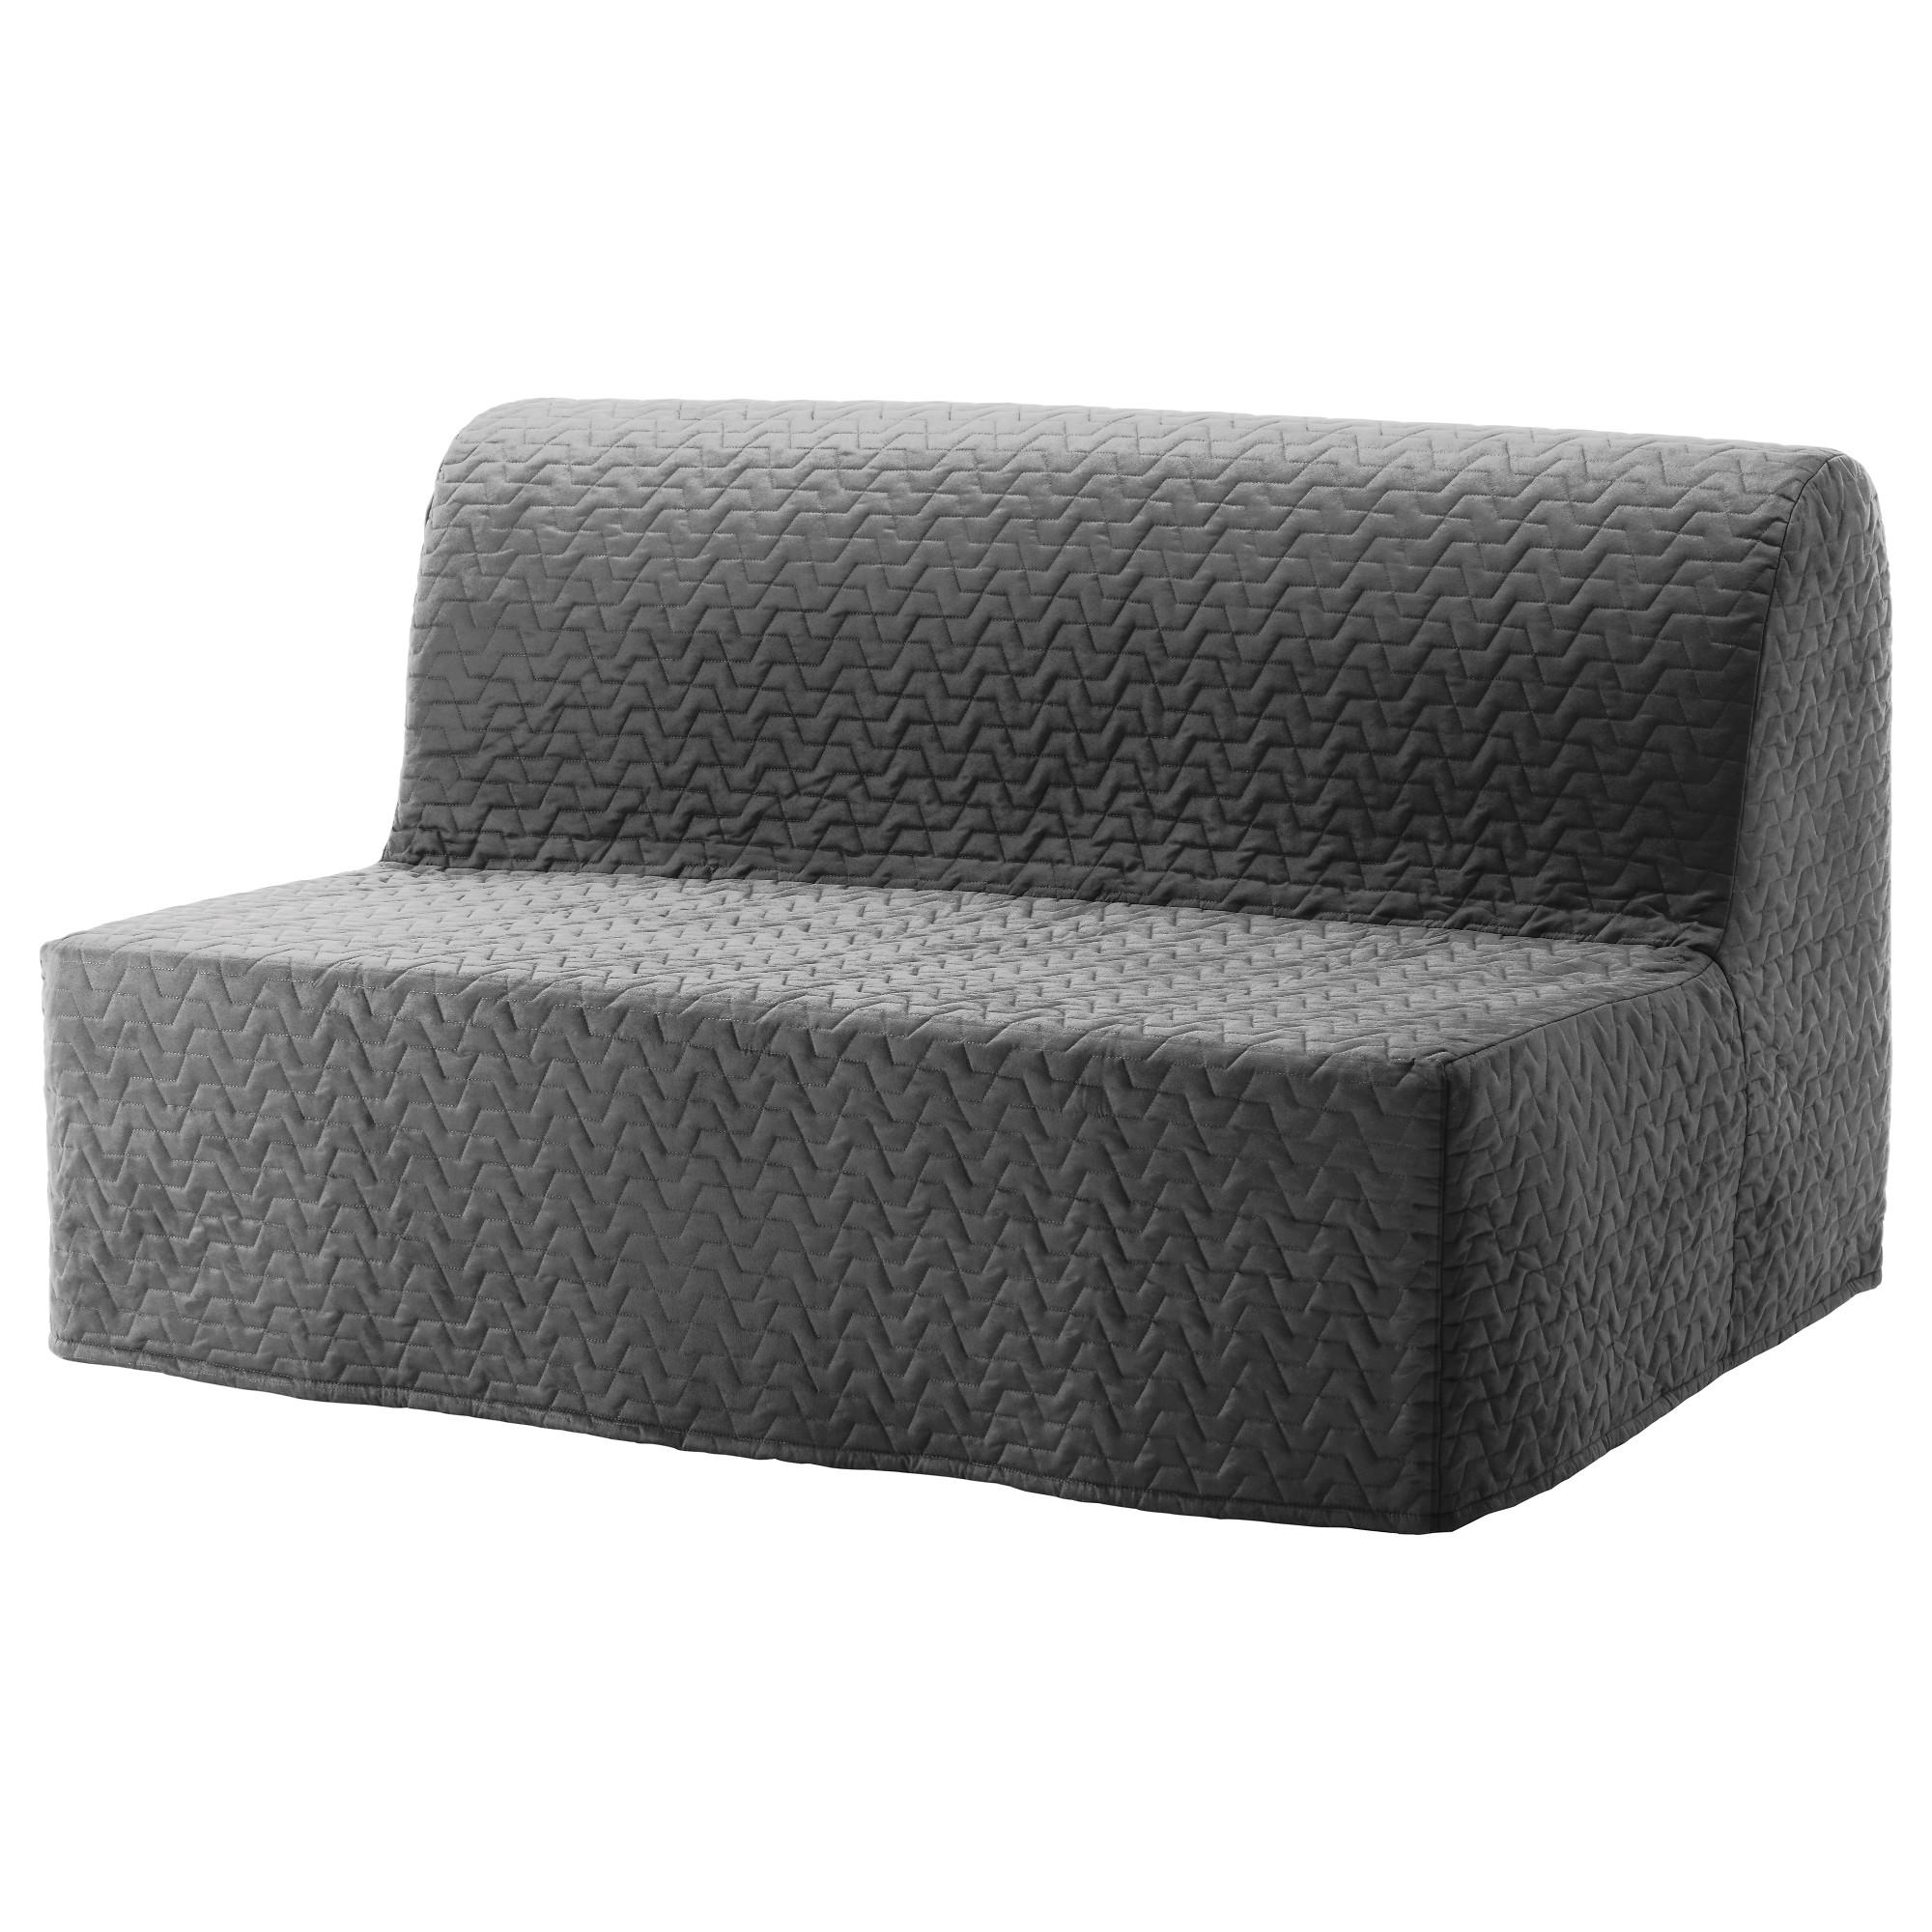 2-местный диван-кровать ЛИКСЕЛЕ МУРБО серый артикуль № 092.824.20 в наличии. Онлайн сайт ИКЕА РБ. Быстрая доставка и соборка.